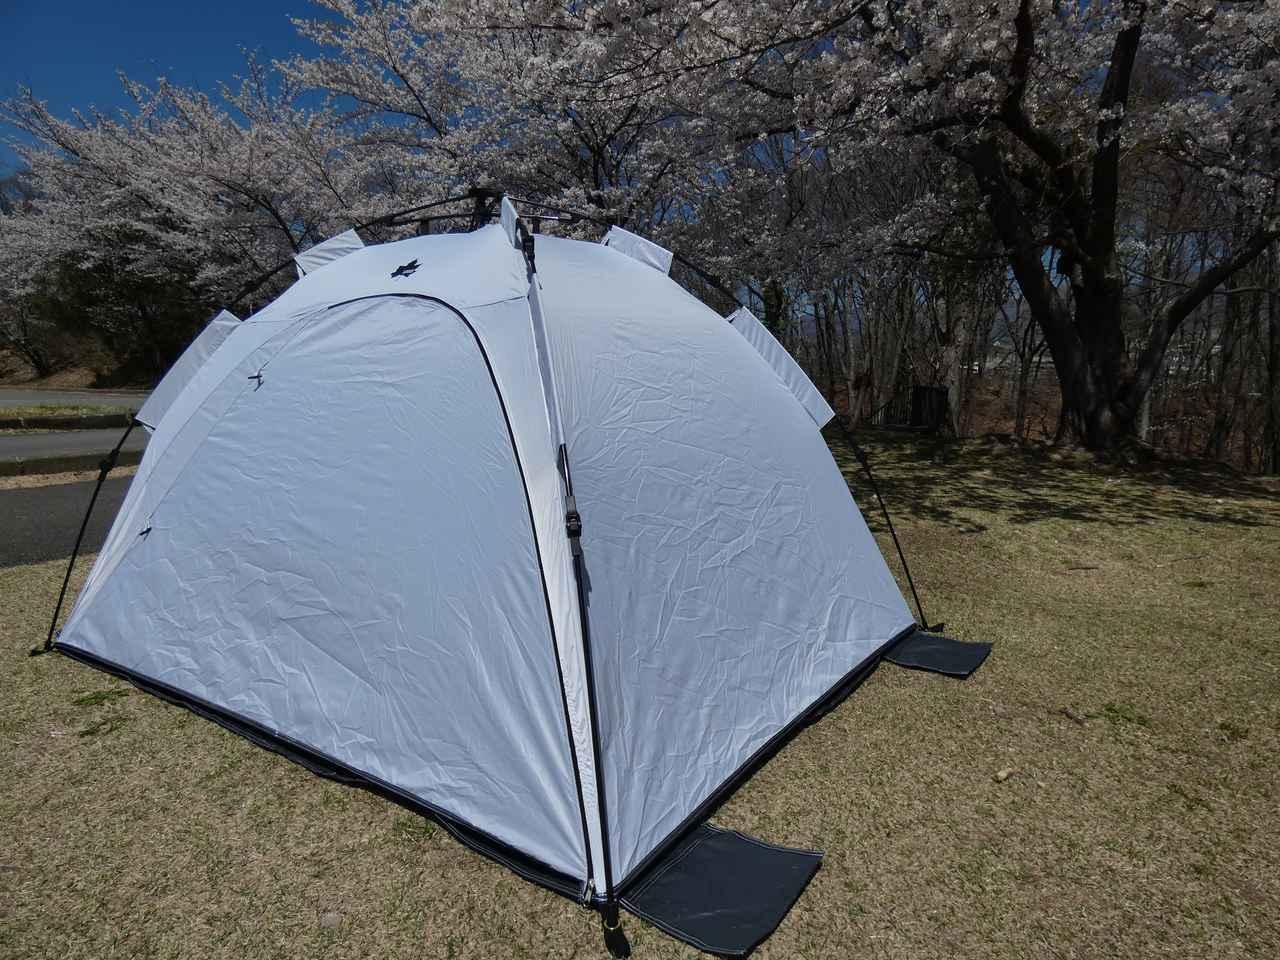 画像: -10℃以上も違う!?ロゴスの遮光率100%なワンタッチサンシェードを使ってみた ピクニックやデイキャンプにおすすめ◎ - ハピキャン|キャンプ・アウトドア情報メディア